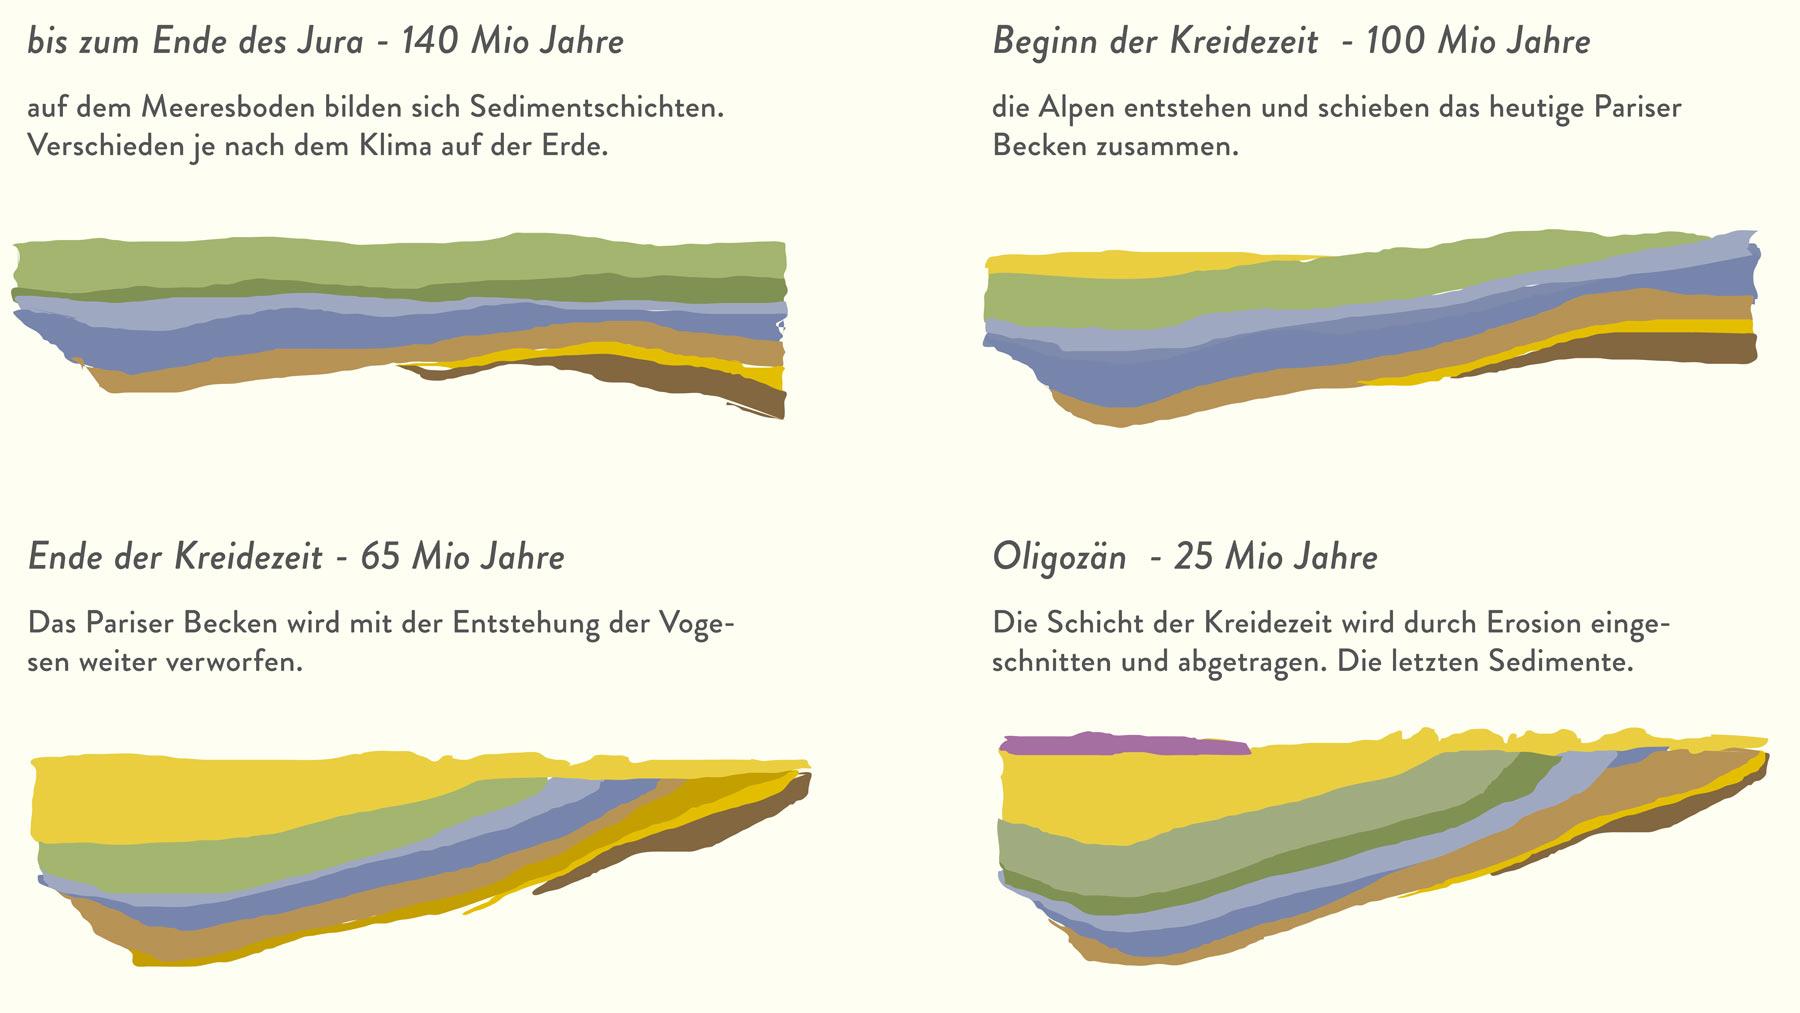 Die Bildung des pariser Beckens über gut 200 Millionen Jahre